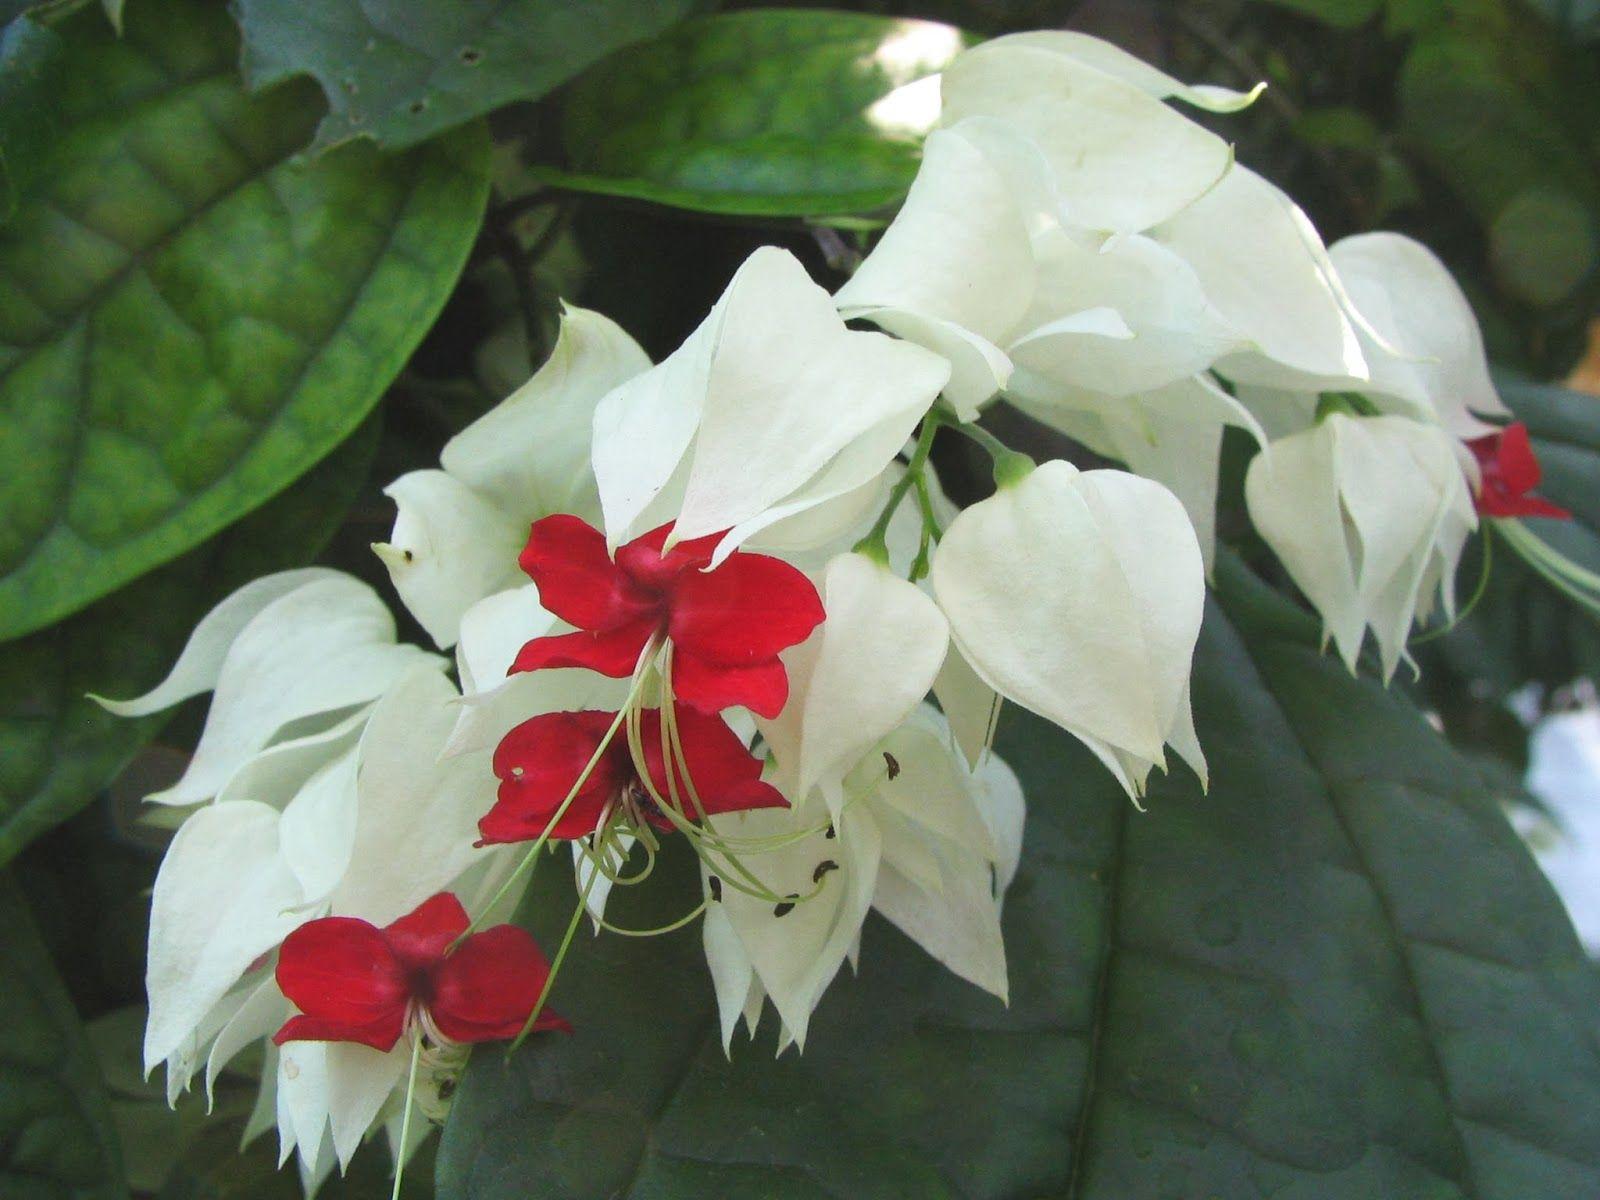 Trepadoras trompetilla distictis buccinatoria planta for Planta perenne en maceta de invierno